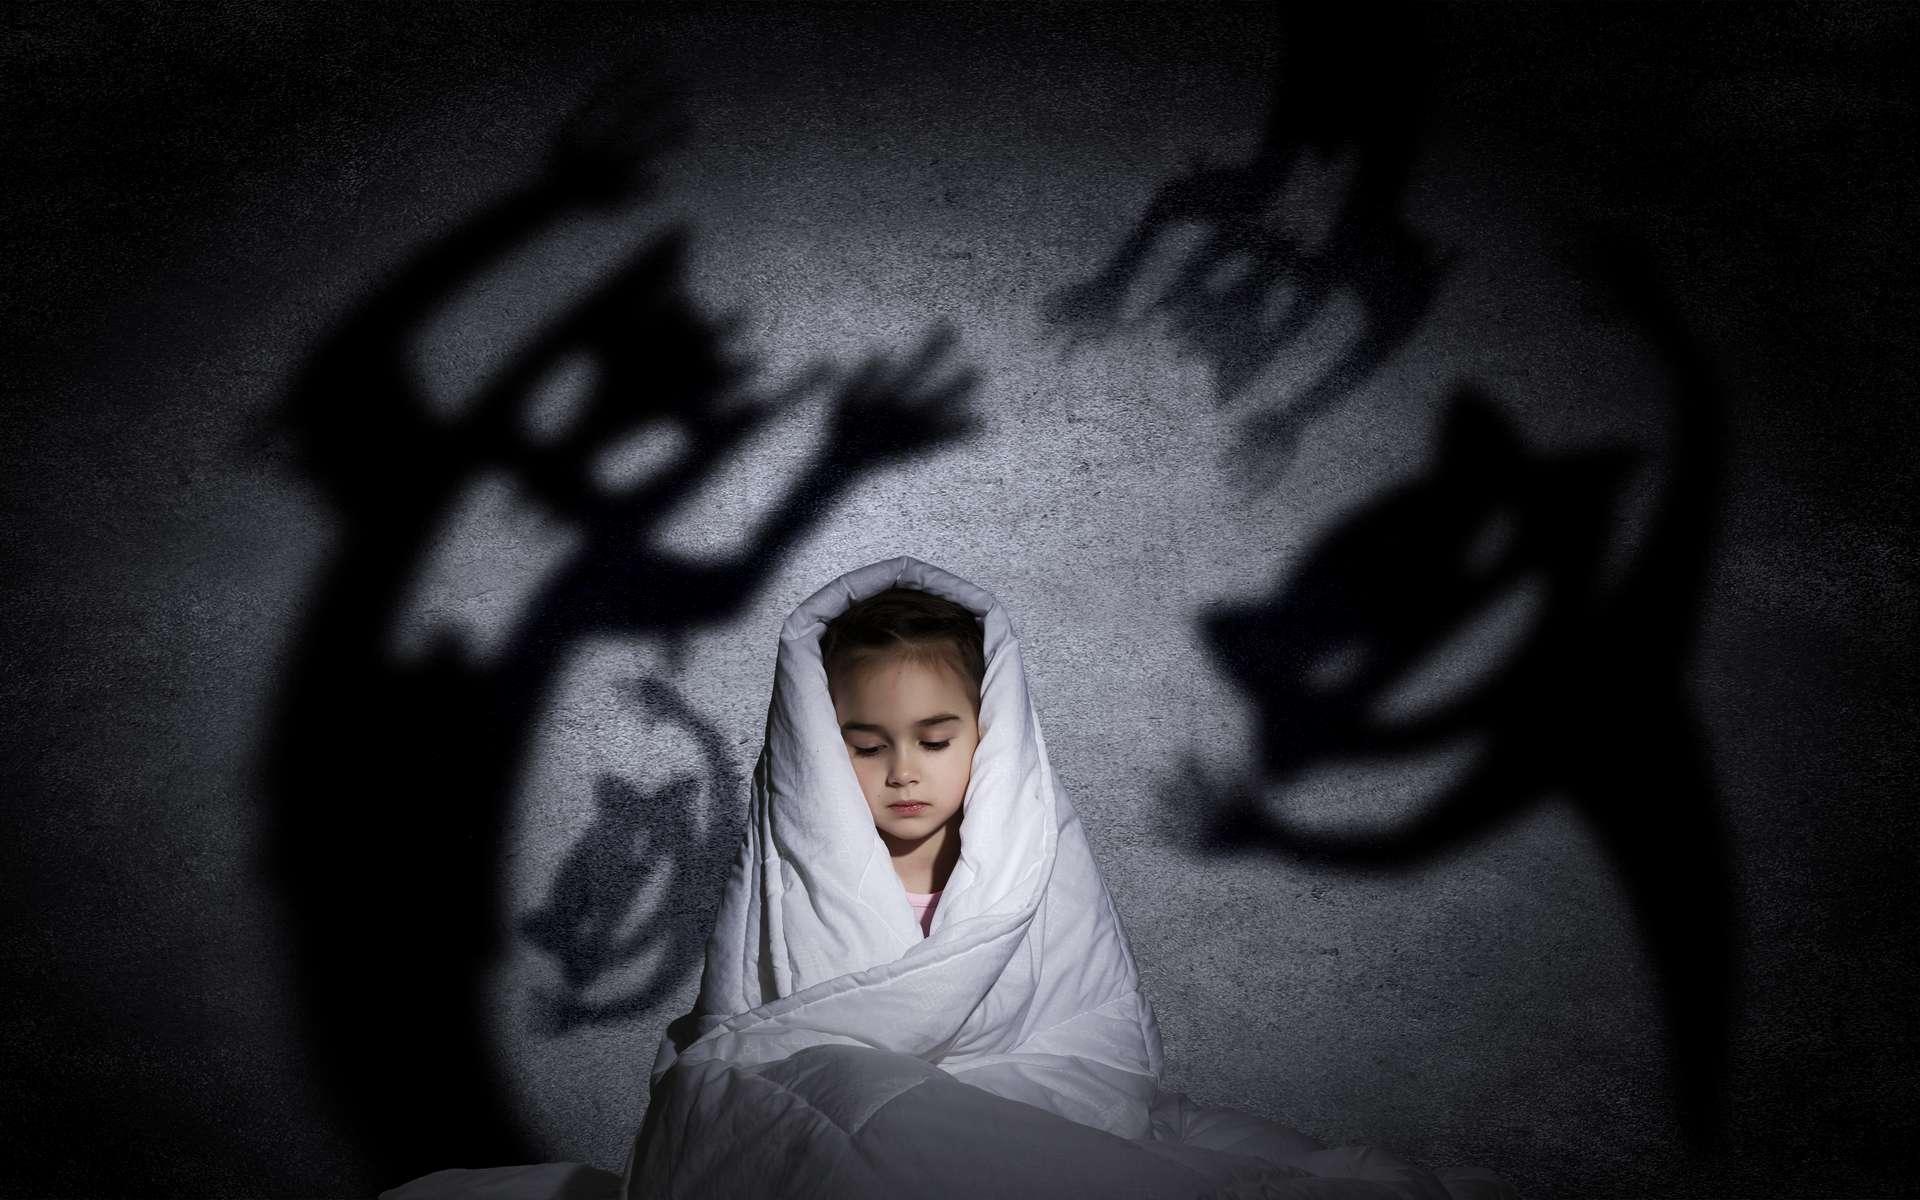 Les cauchemars seraient un mode d'entraînement pour le cerveau, lui permettant de mieux réagir une fois réveillé. © Sergey Nivens, Adobe Stock